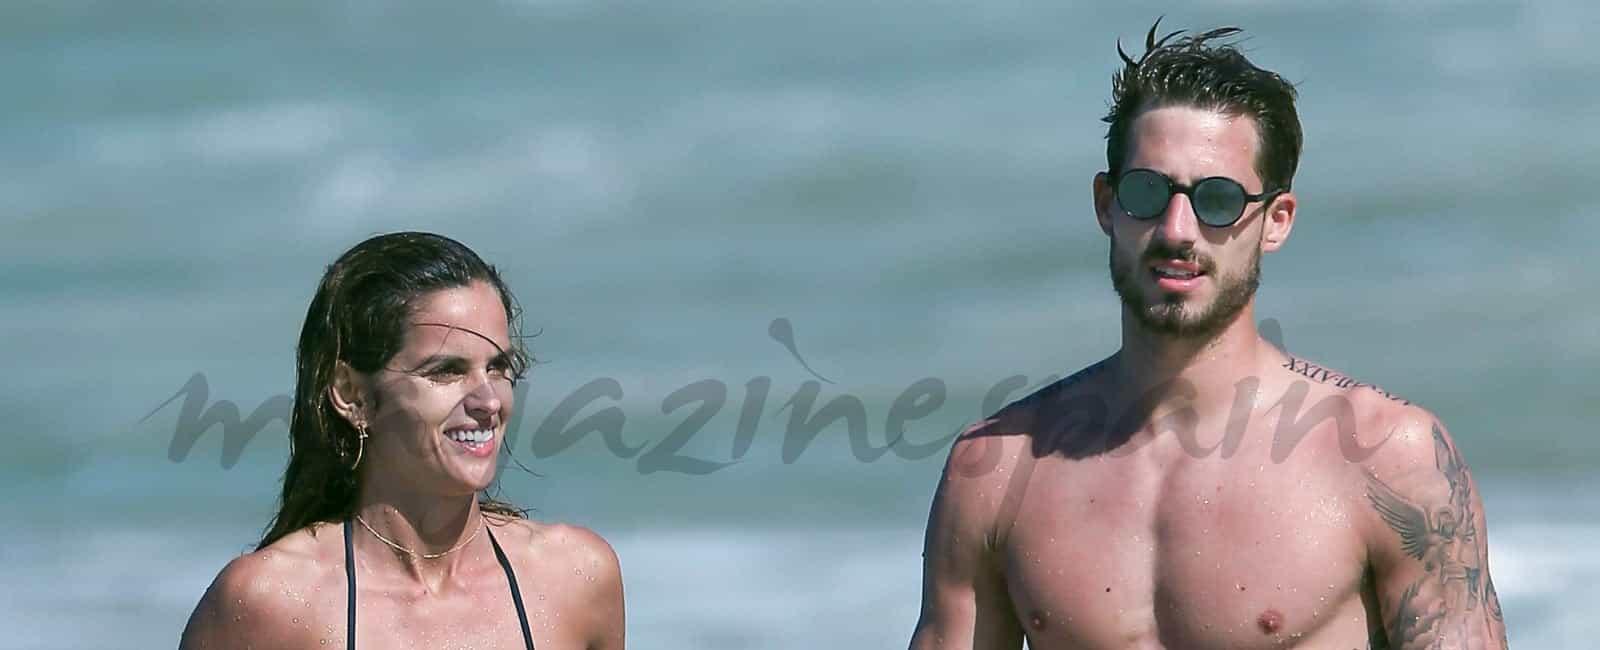 Izabel Goulart y Kevin Trapp, dos «cuerpazos» al sol